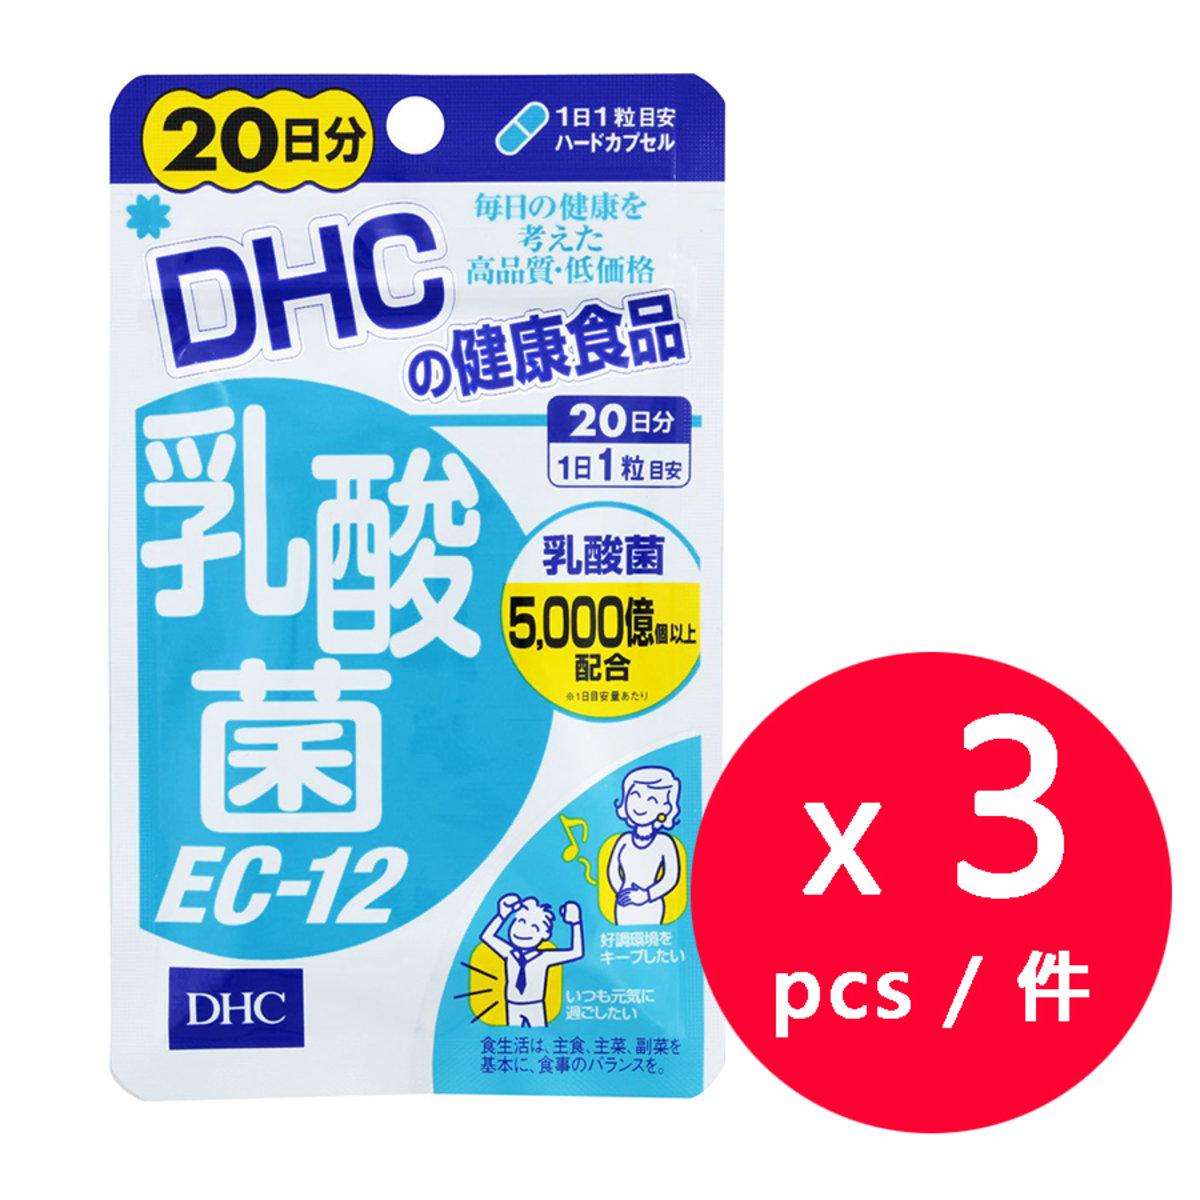 DHC lactic acid bacteria EC-12 20 days x 3 packs (Parallel Import)